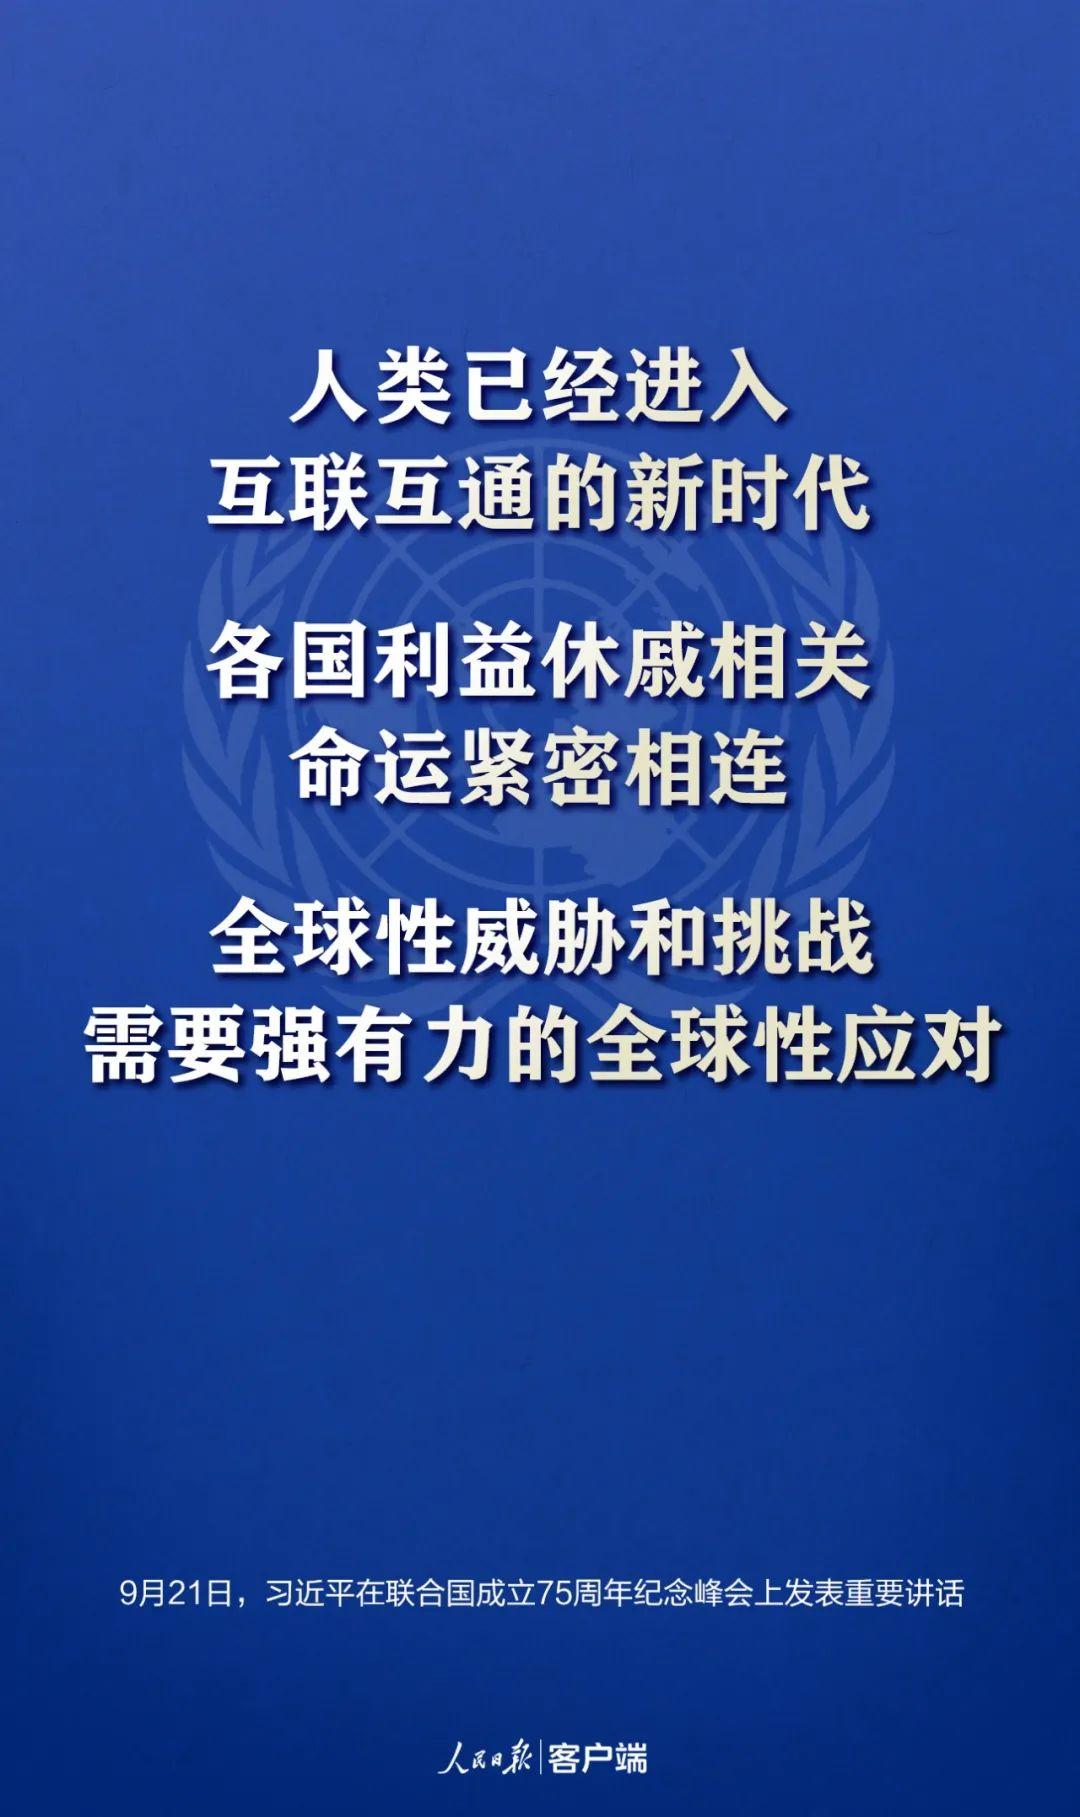 这就是中国主张图片